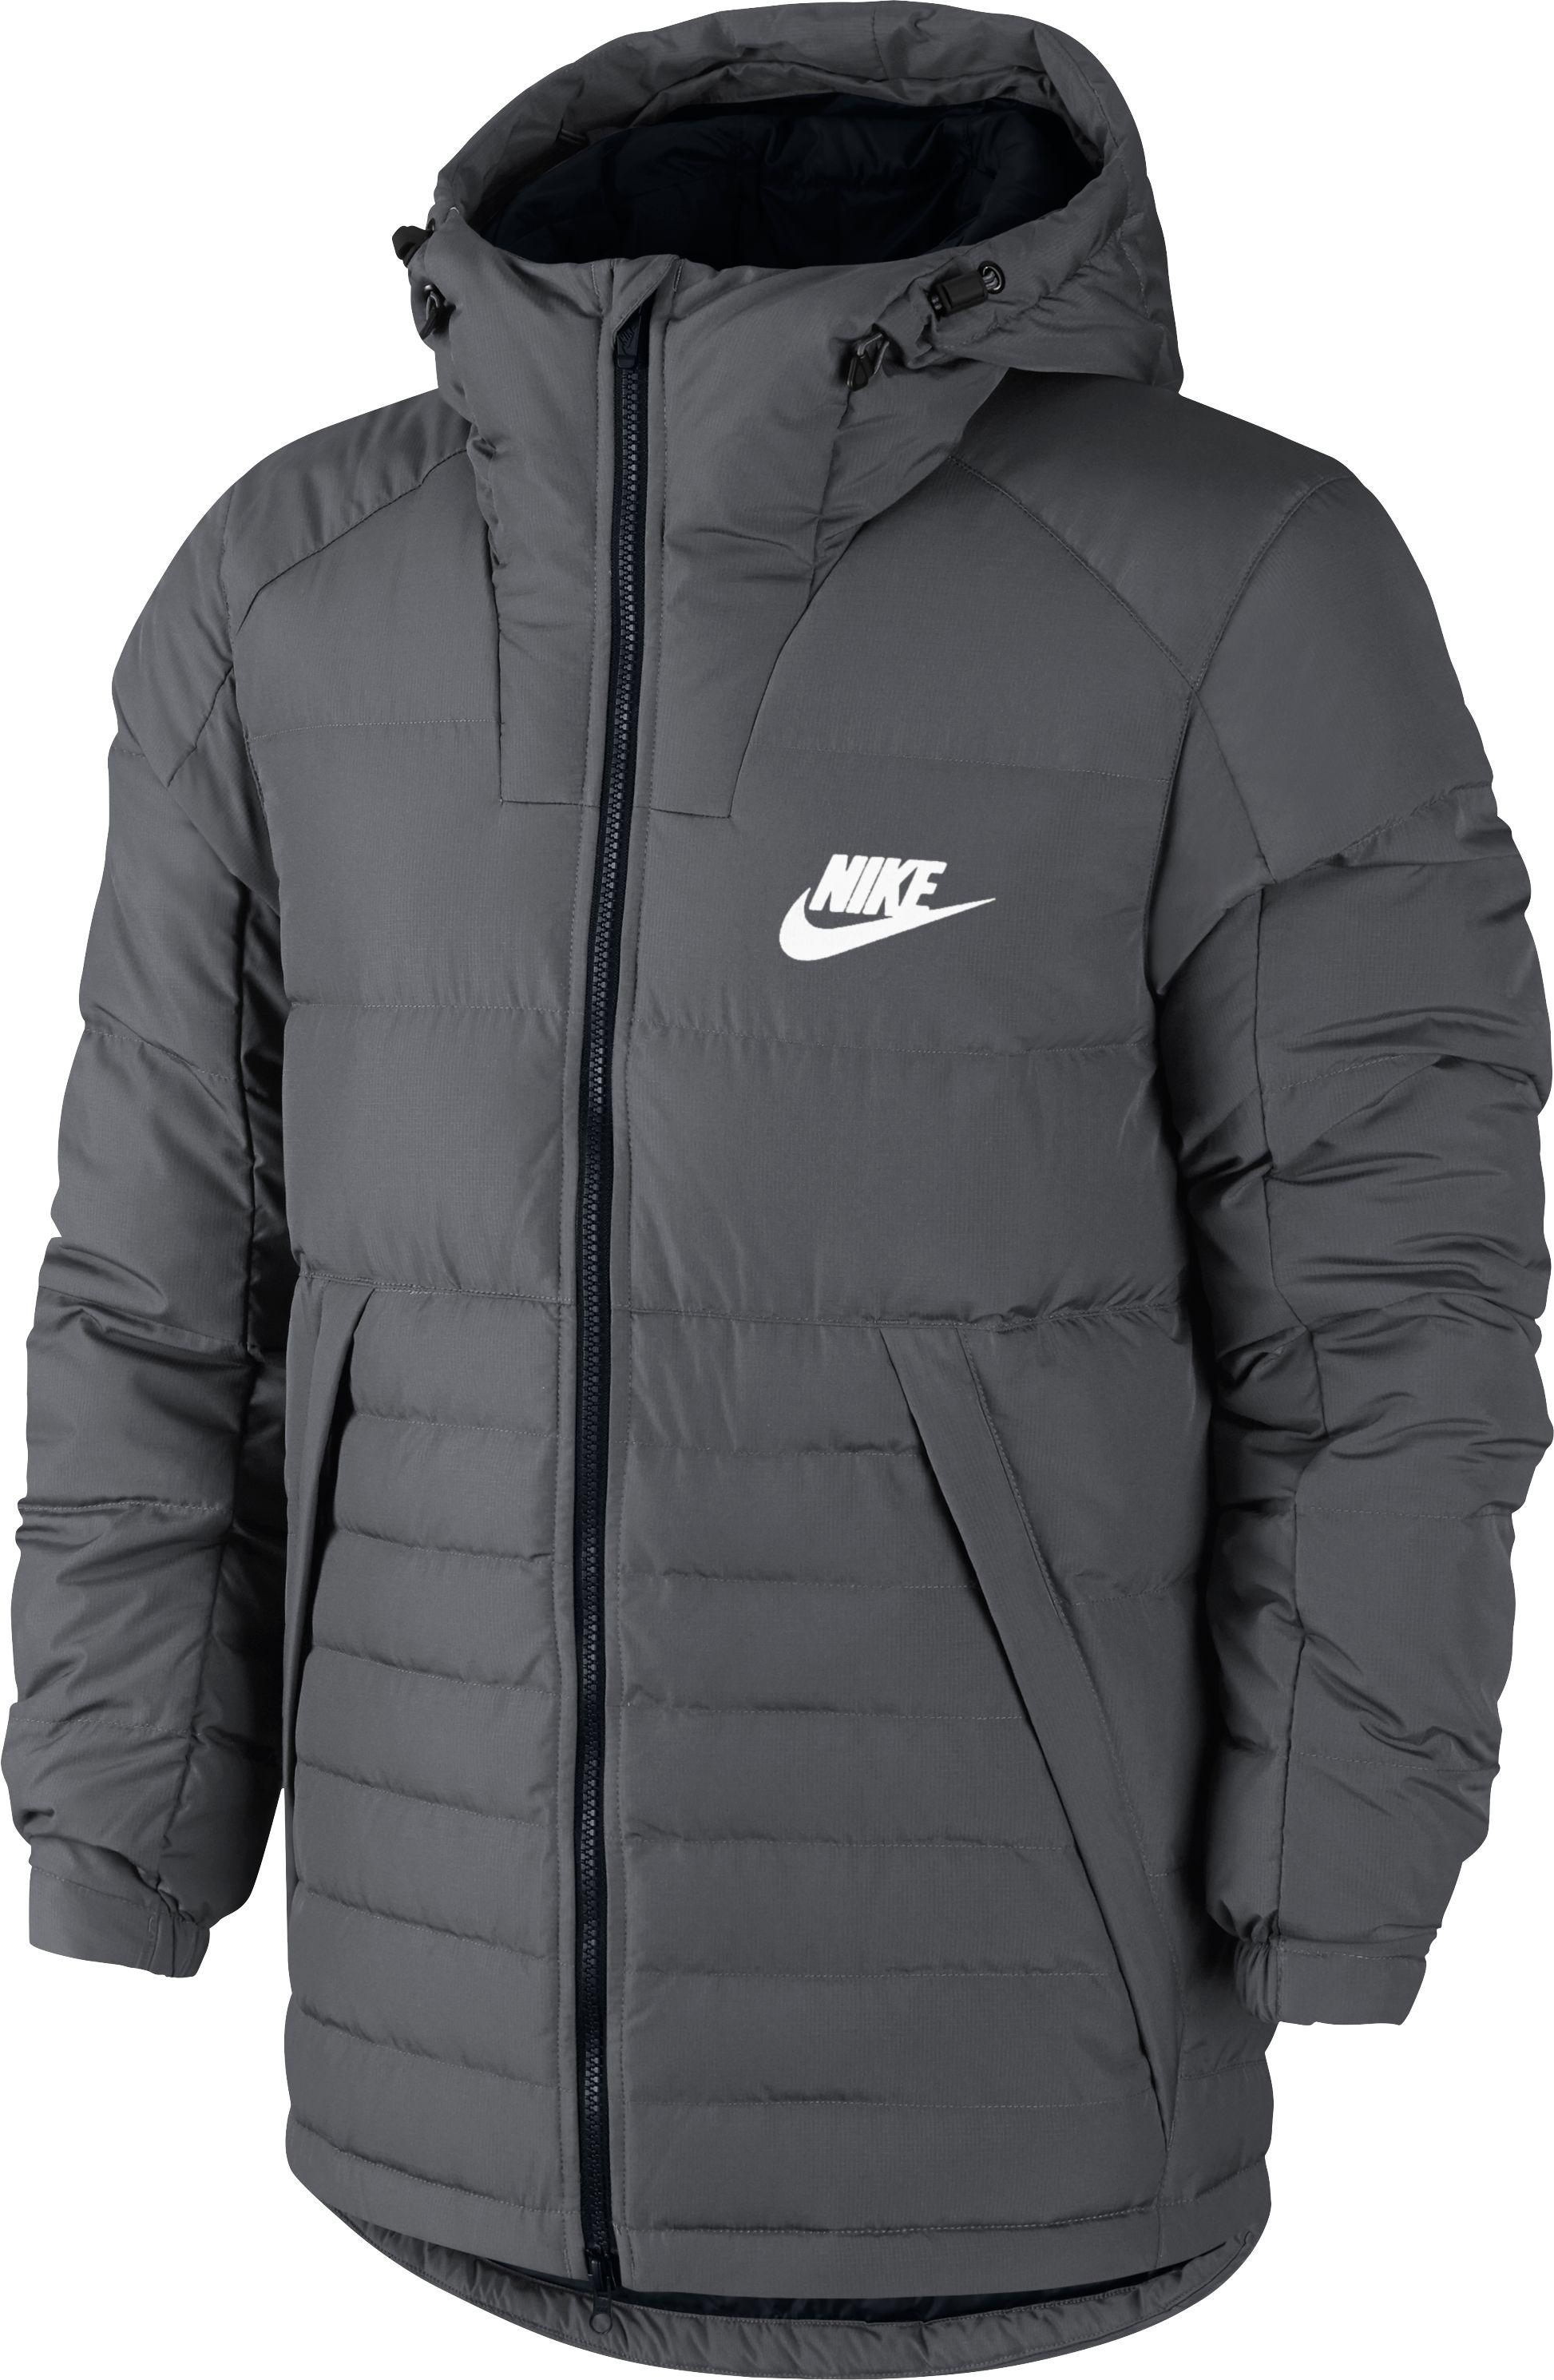 ff19b469 Nike Unisex Sportwear Down Fill HD Jacket - Grey - Tennisnuts.com